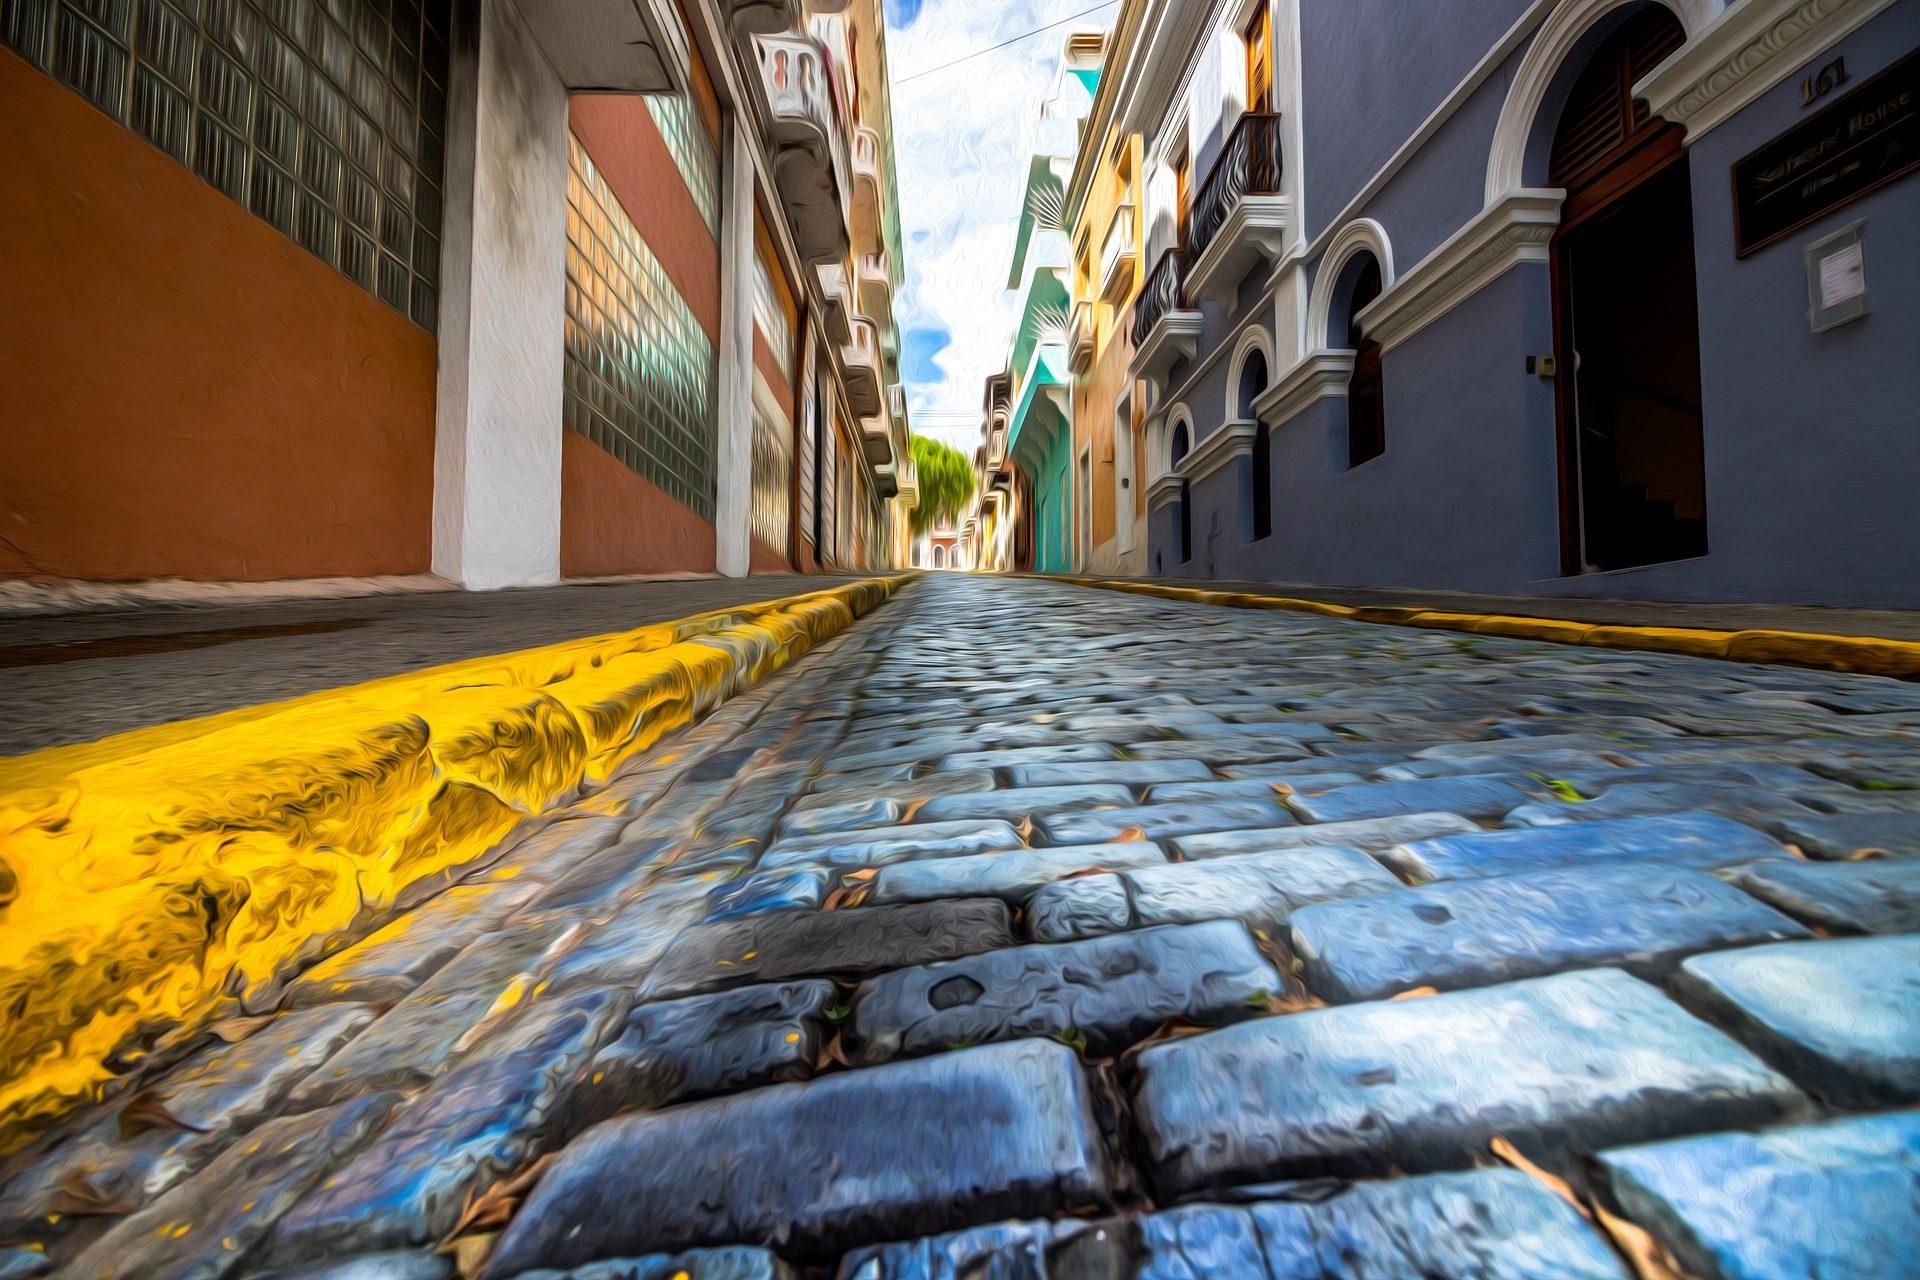 شارع, الرصيف, امبيدرادو, المنازل, ملون - خلفيات عالية الدقة - أستاذ falken.com